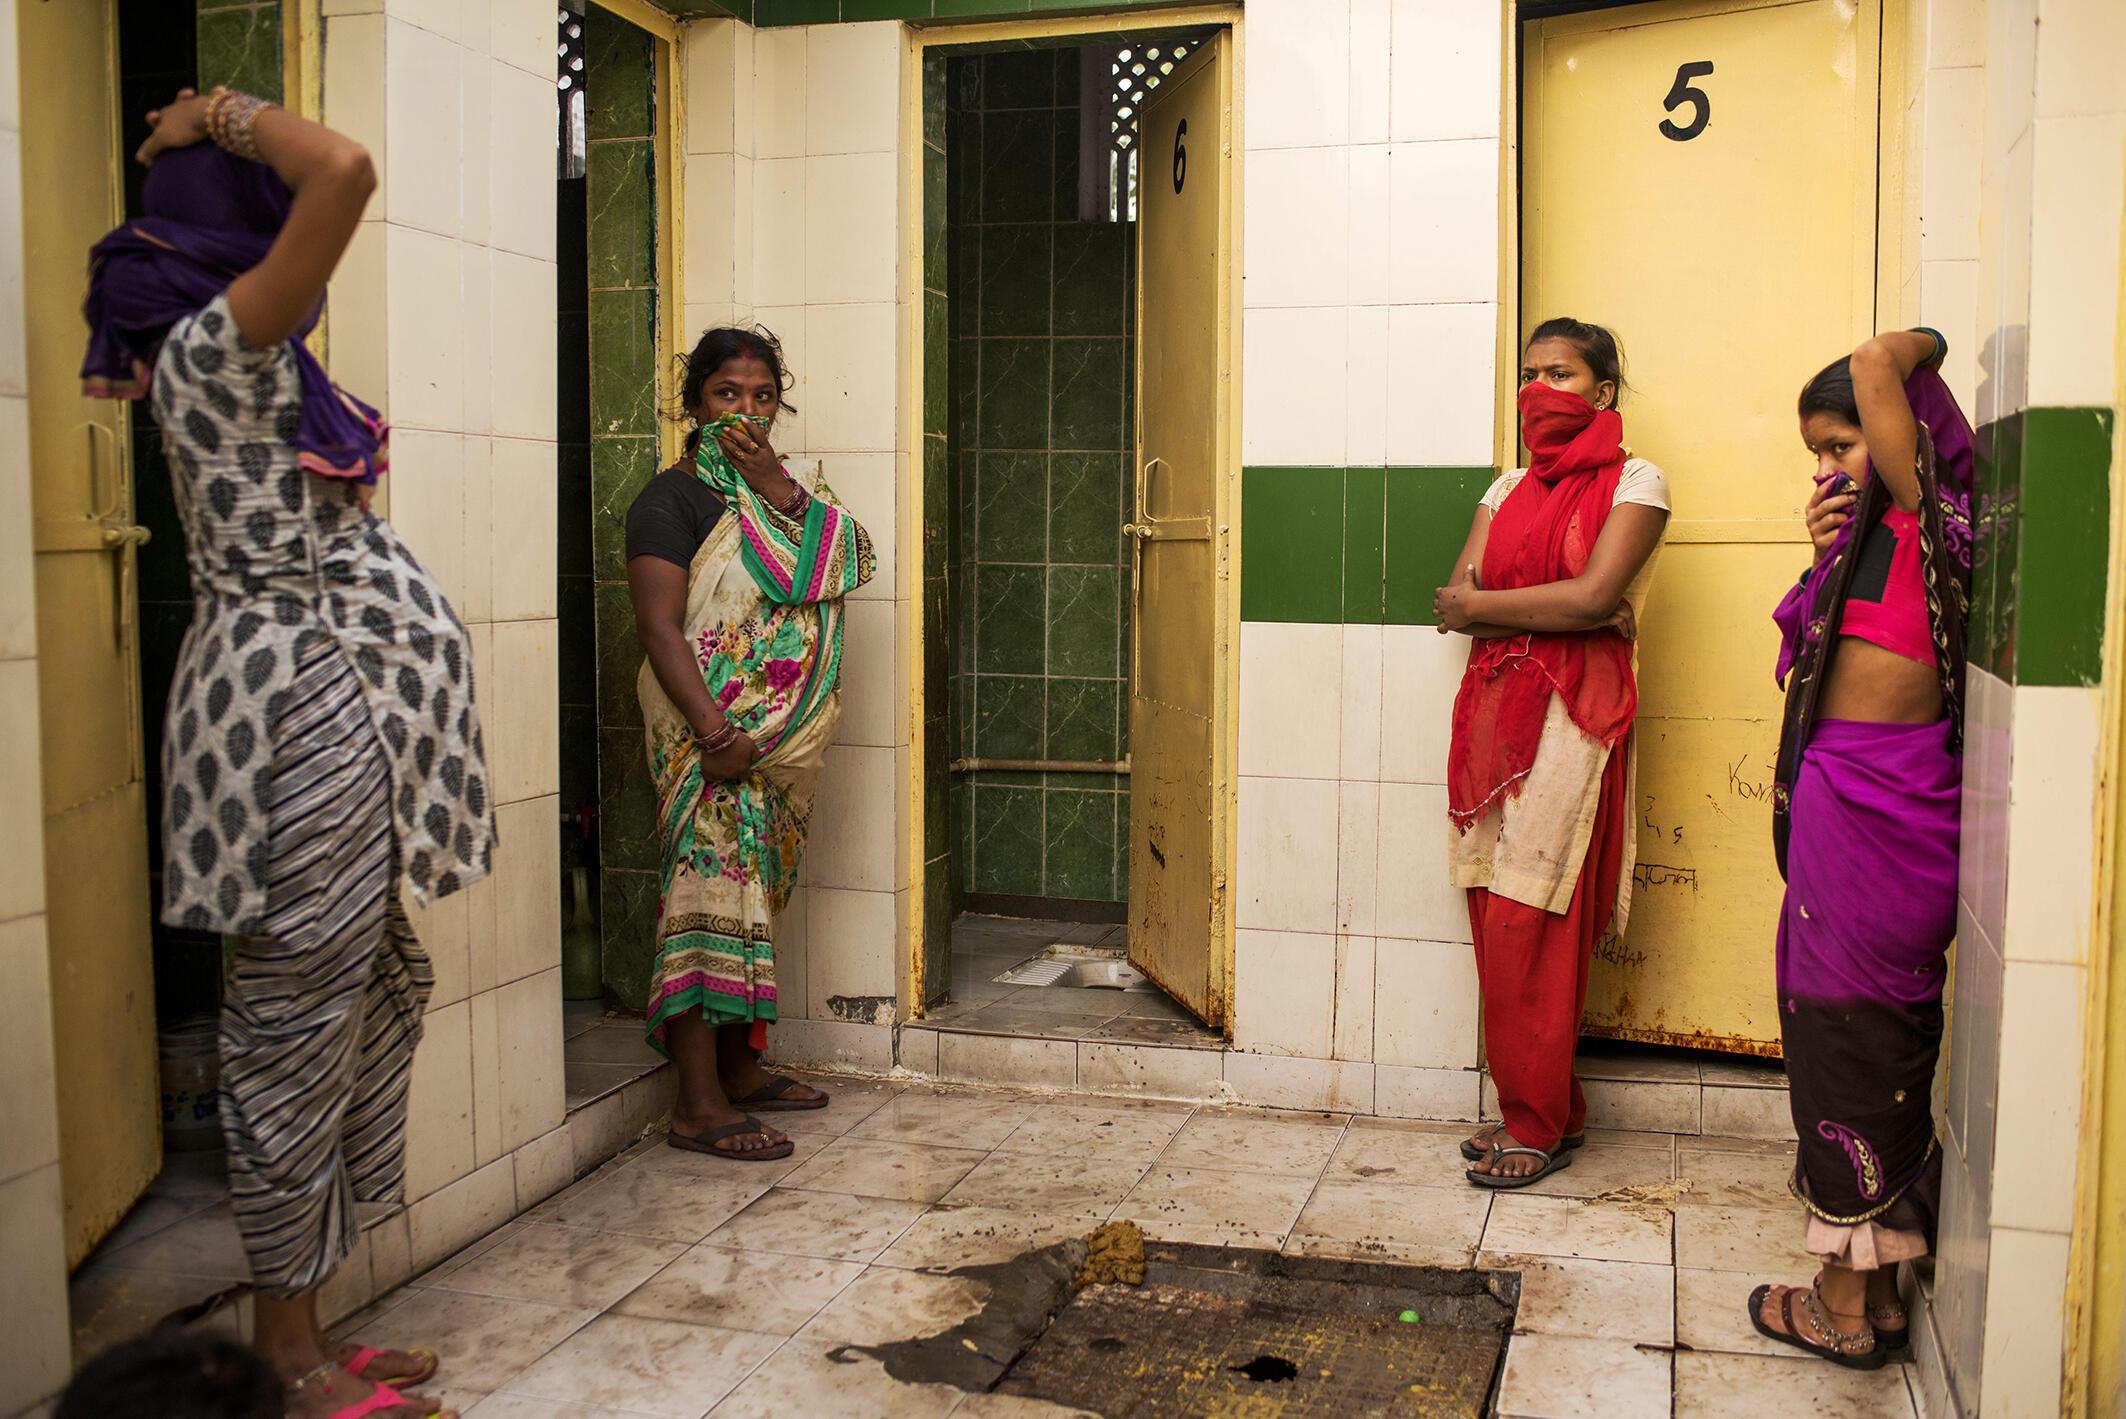 A New Delhi, des installations collectives sont une réponse à la pénurie de toilettes en Inde, mais sans système organisé pour le nettoyage et l'entretien, la défécation reste un problème de santé publique.